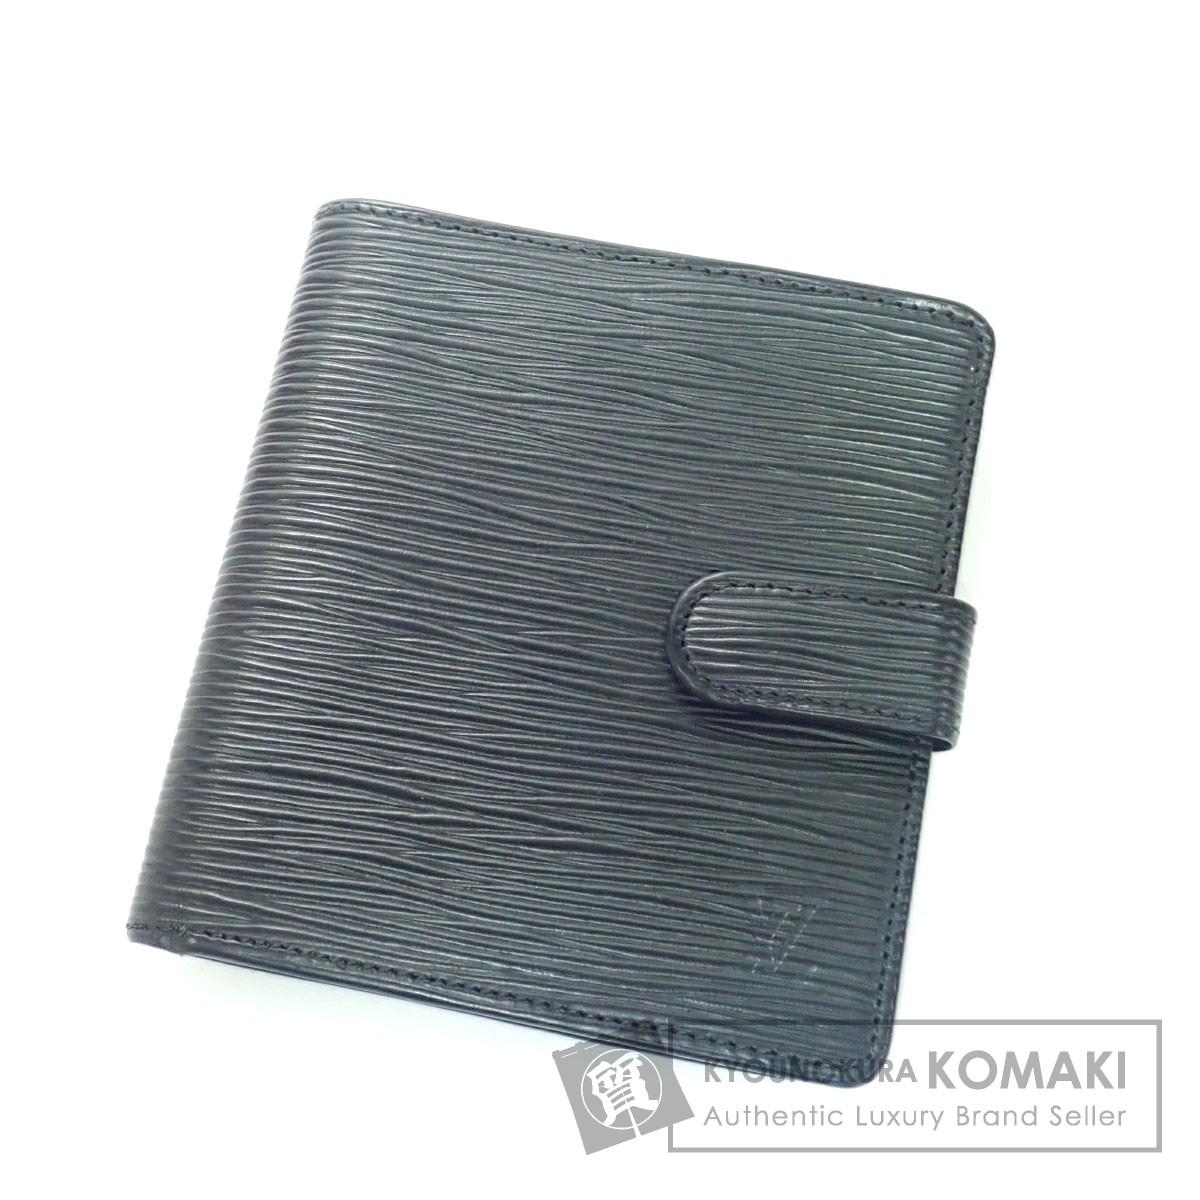 LOUIS VUITTON 廃盤品 二つ折り財布(小銭入れあり) エピレザー メンズ 【中古】【ルイ・ヴィトン】